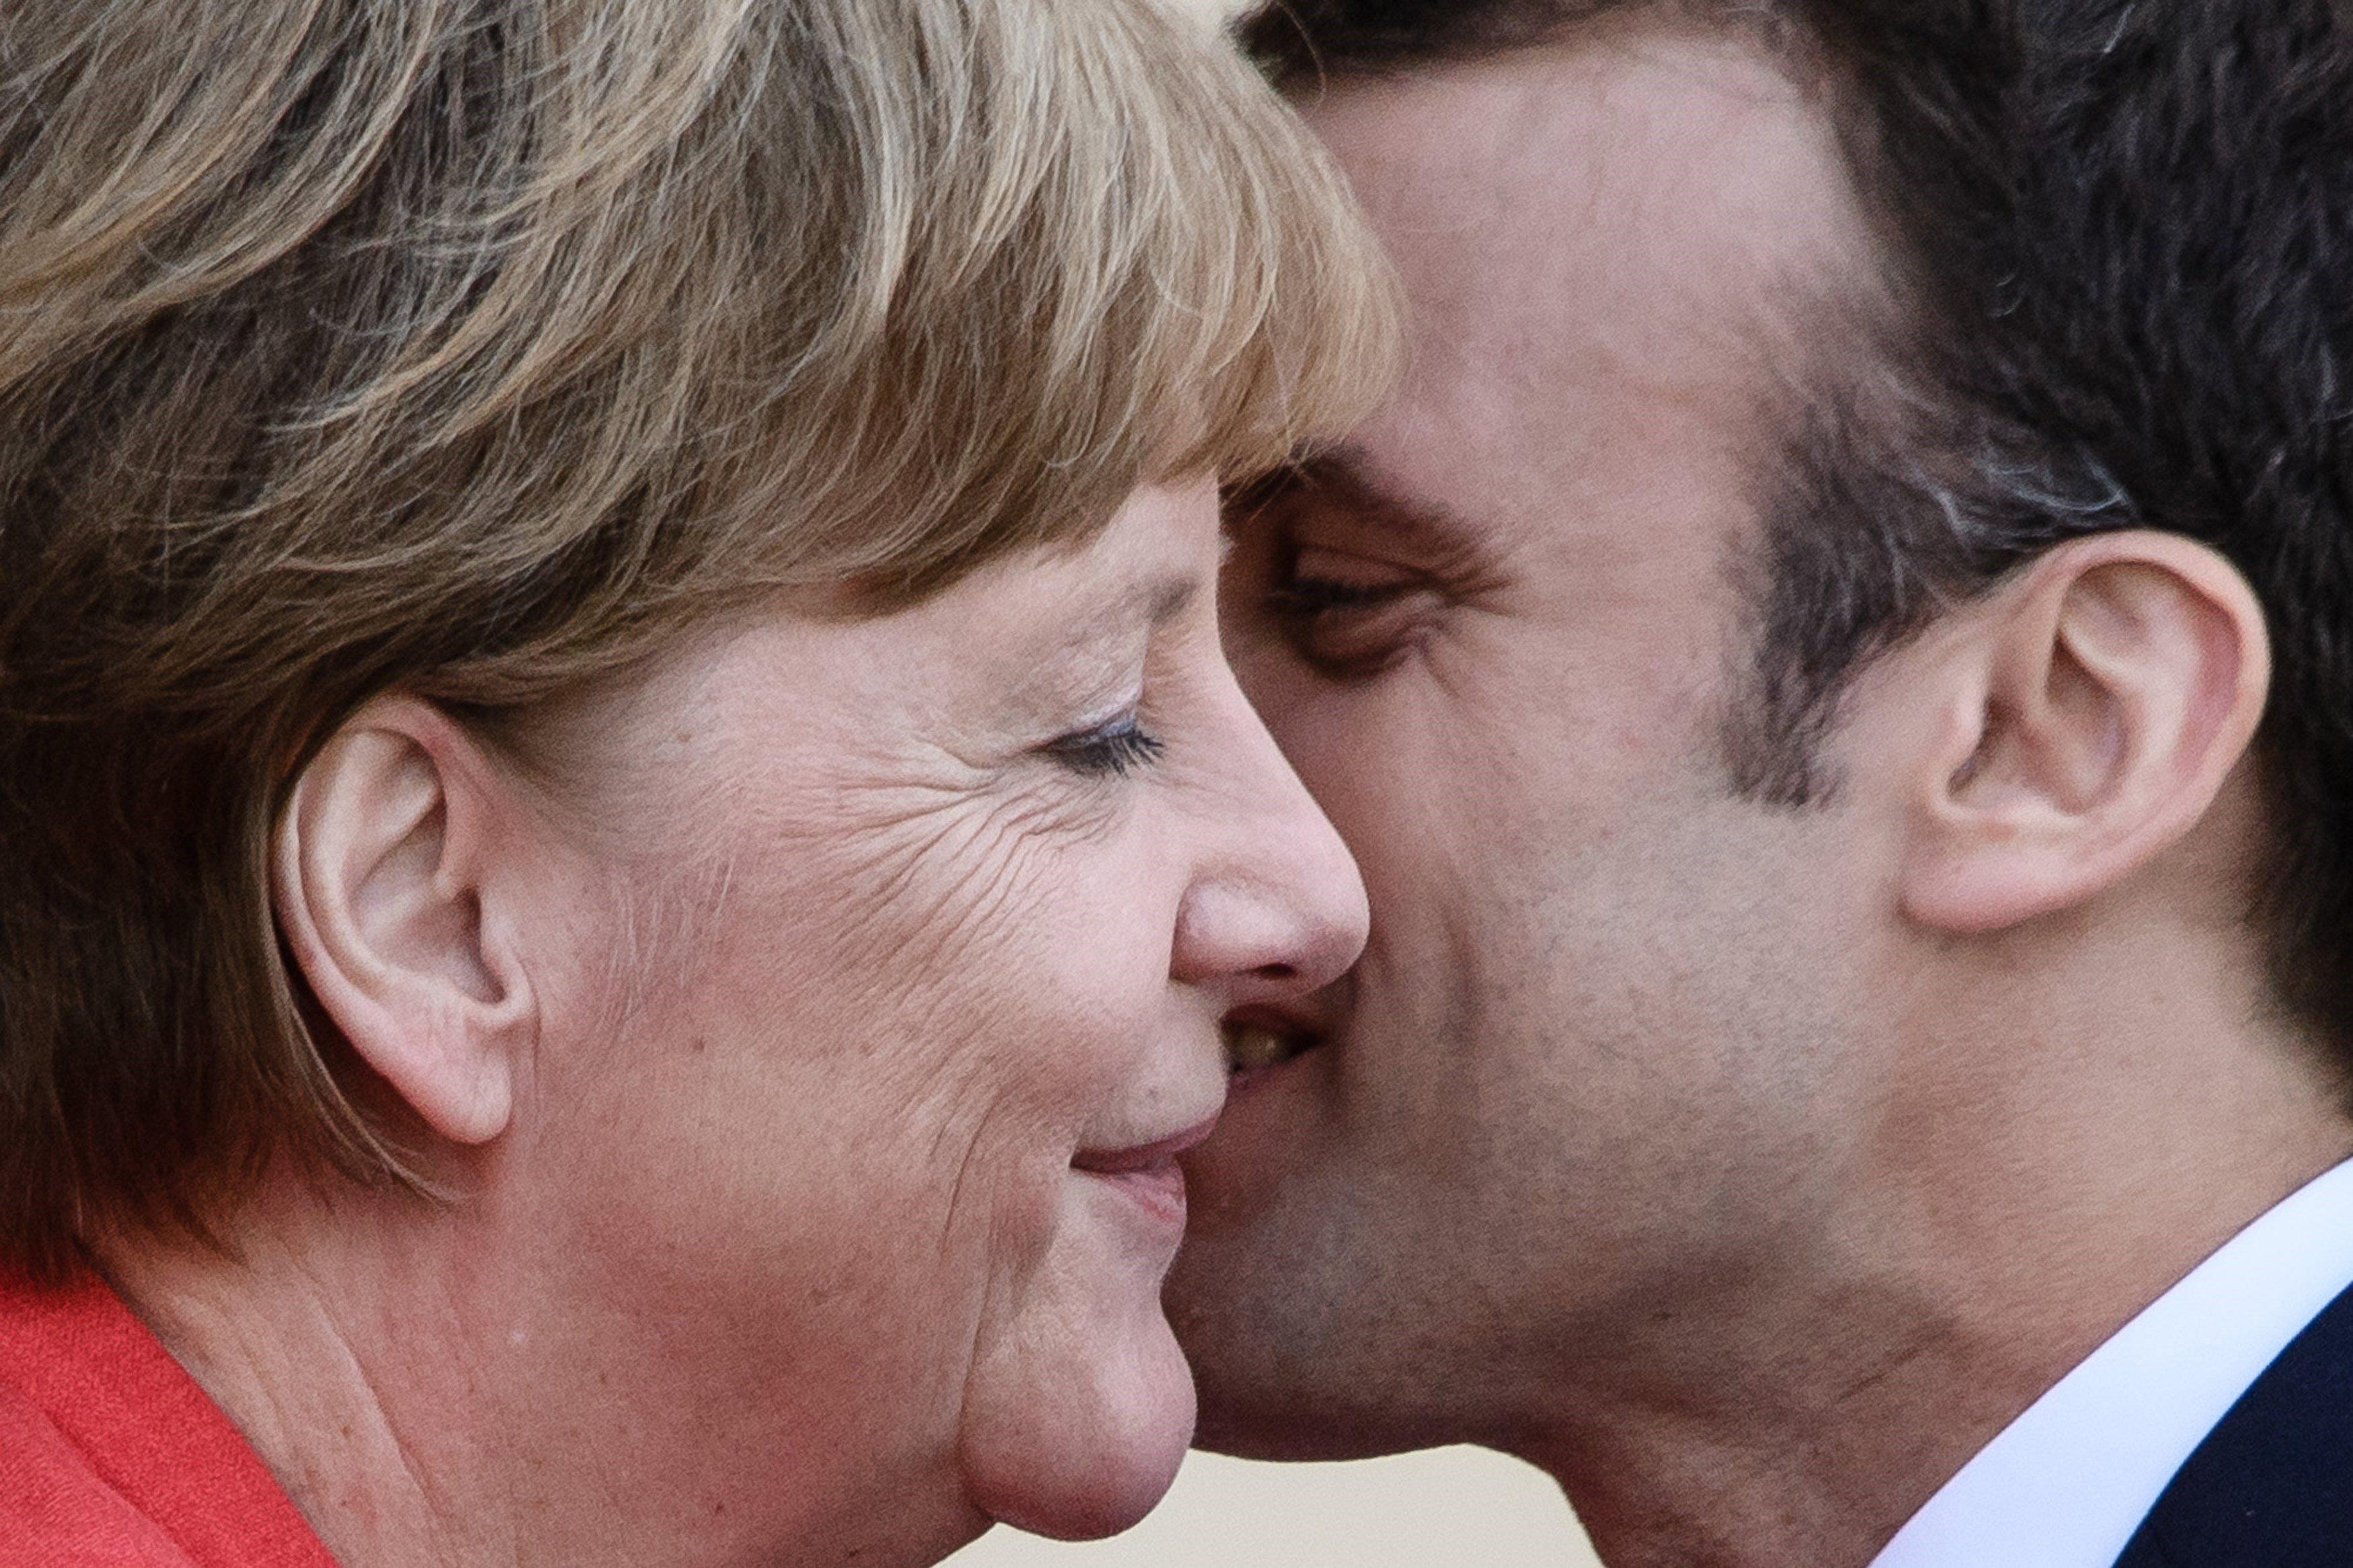 La cancellera alemanya, Angela Merkel, dóna la benvinguda al president francès, Emmanuel Macron, abans de la seva reunió al Palau Reial de Berlín. Macron visita Berlín per tractar d'impulsar la seva agenda reformista a l'eurozona. / CLEMENS BILAN